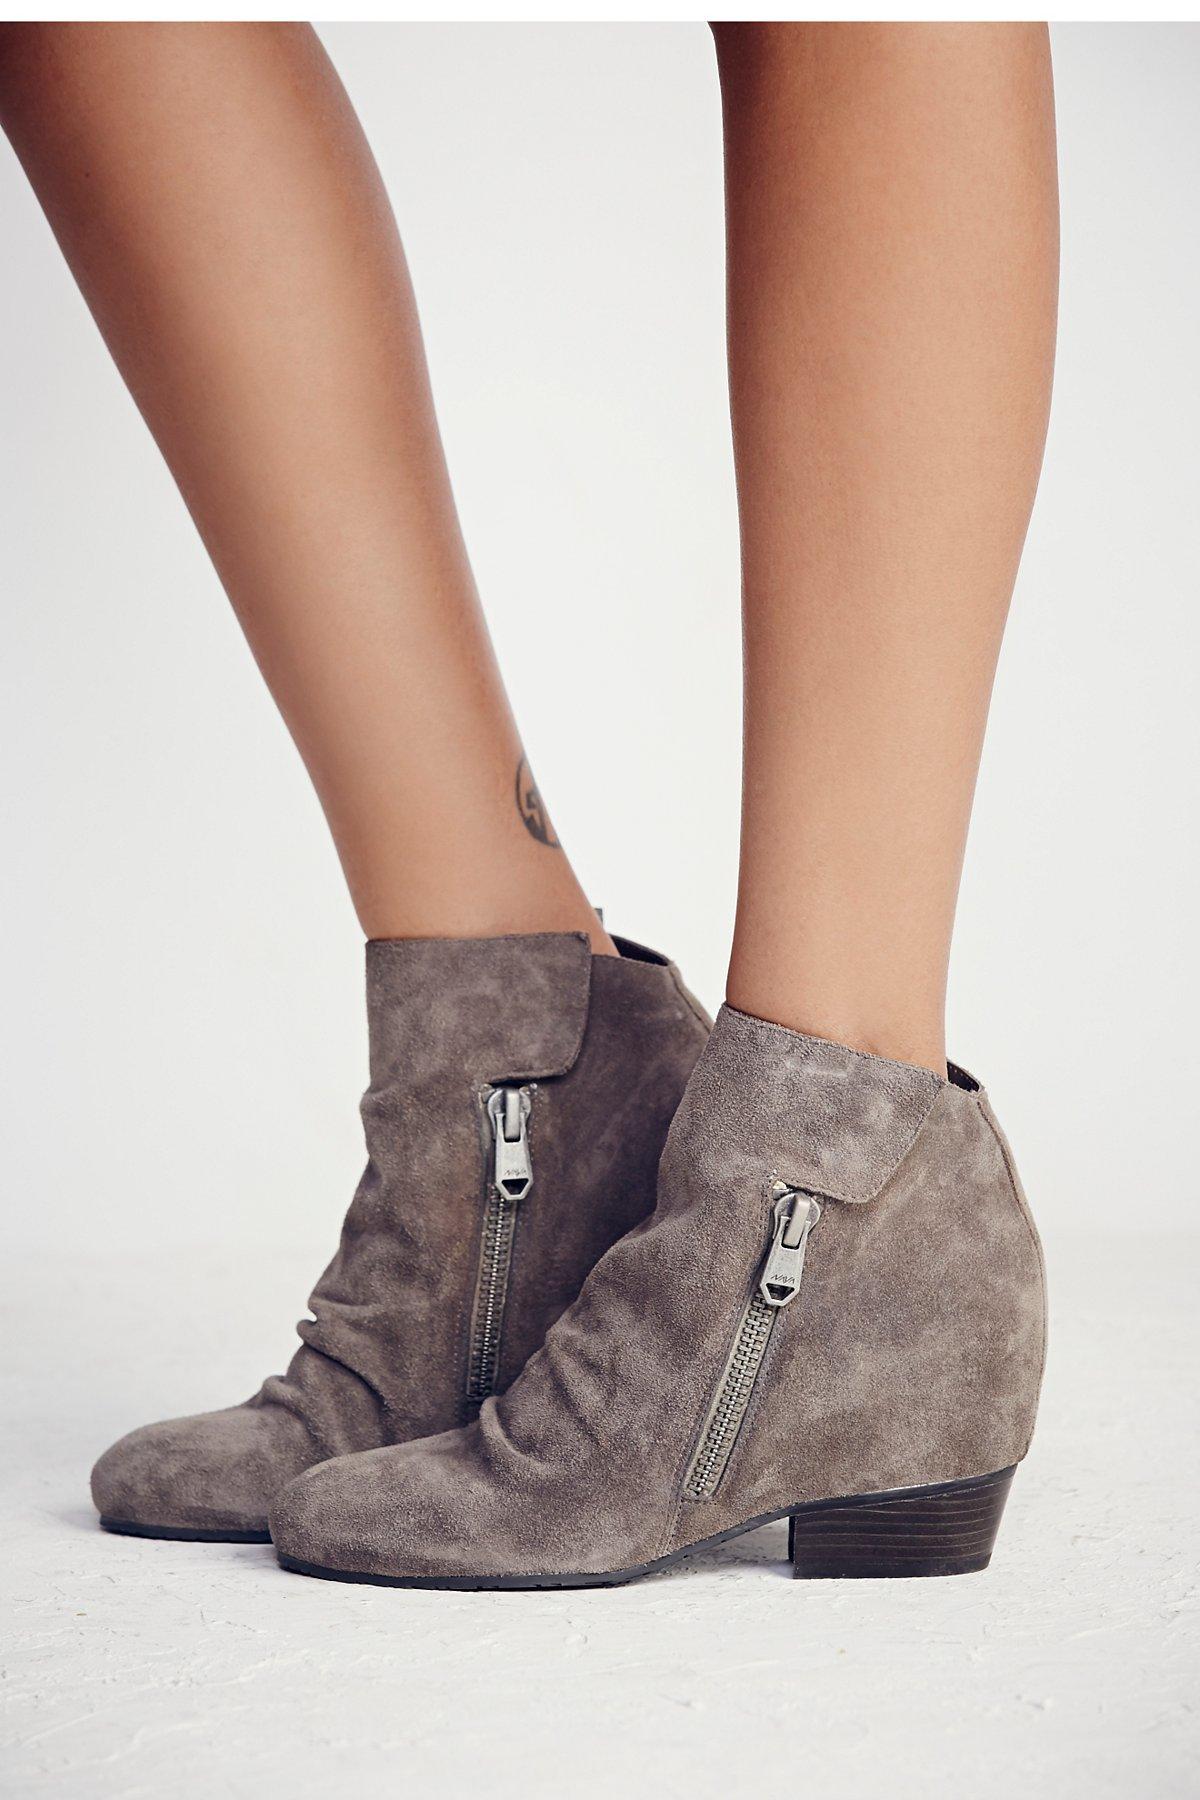 Denver坡跟靴